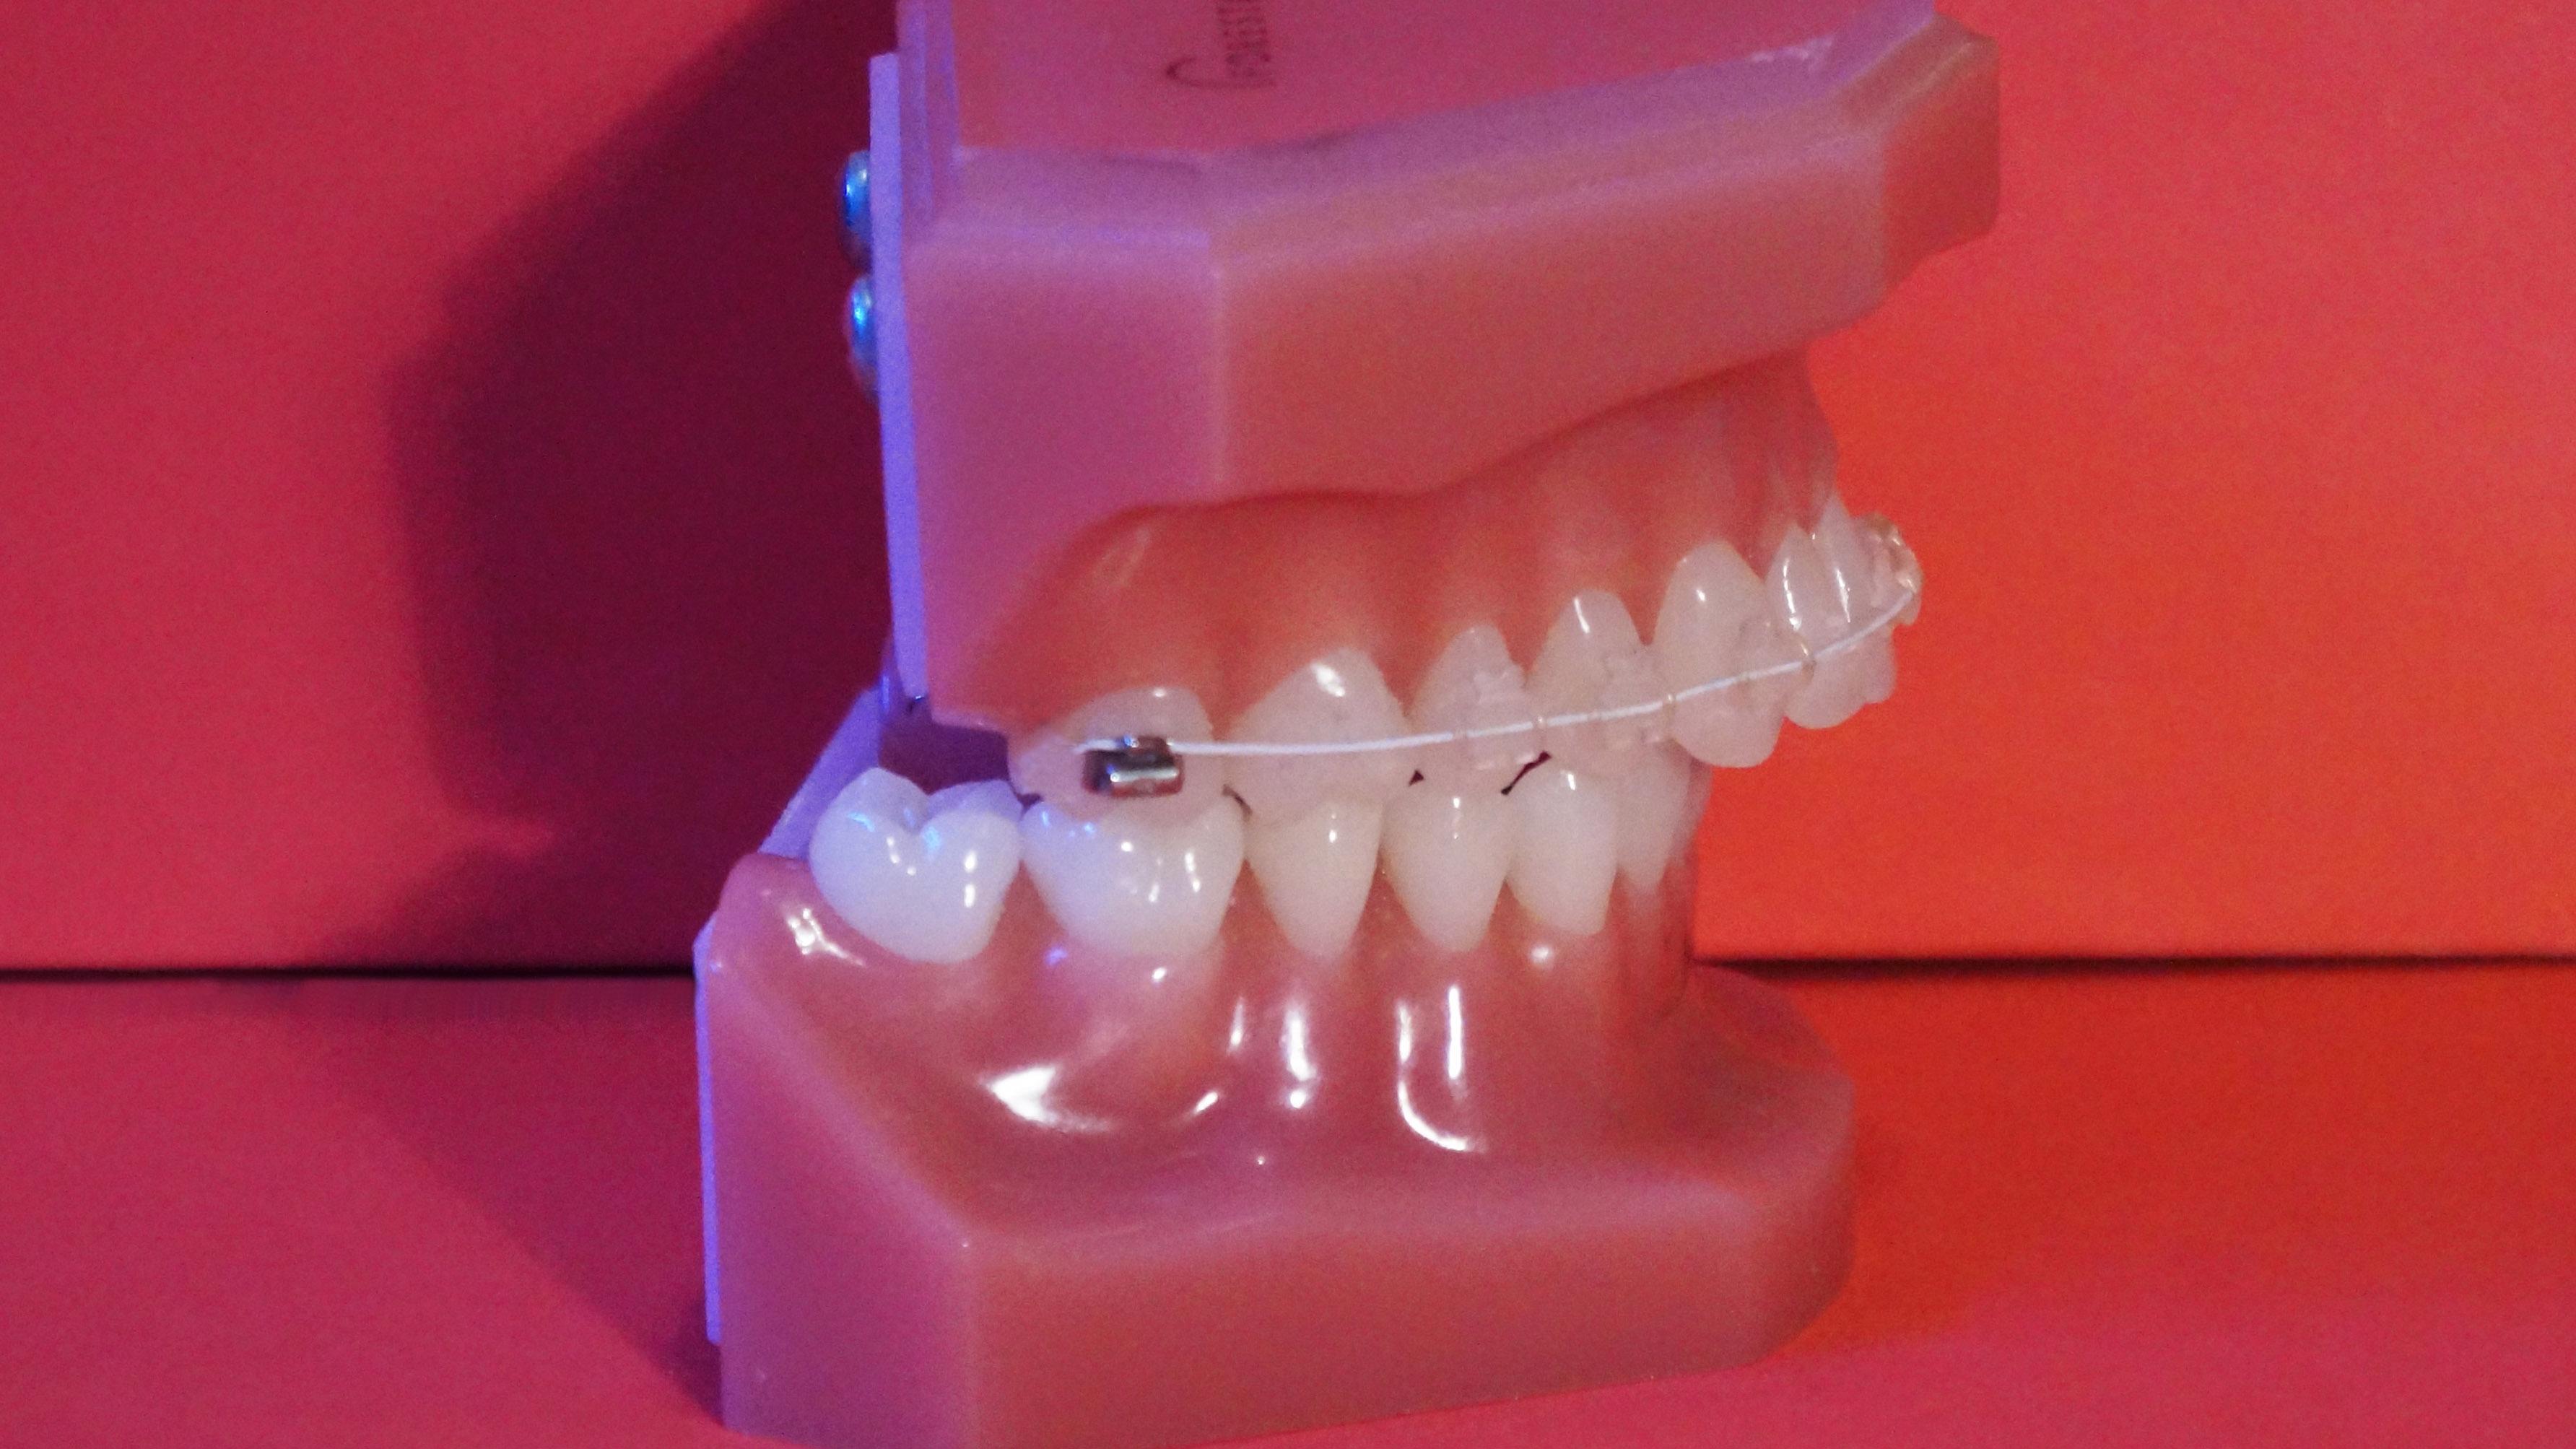 Sobremordida: tengo los dientes superiores adelantados